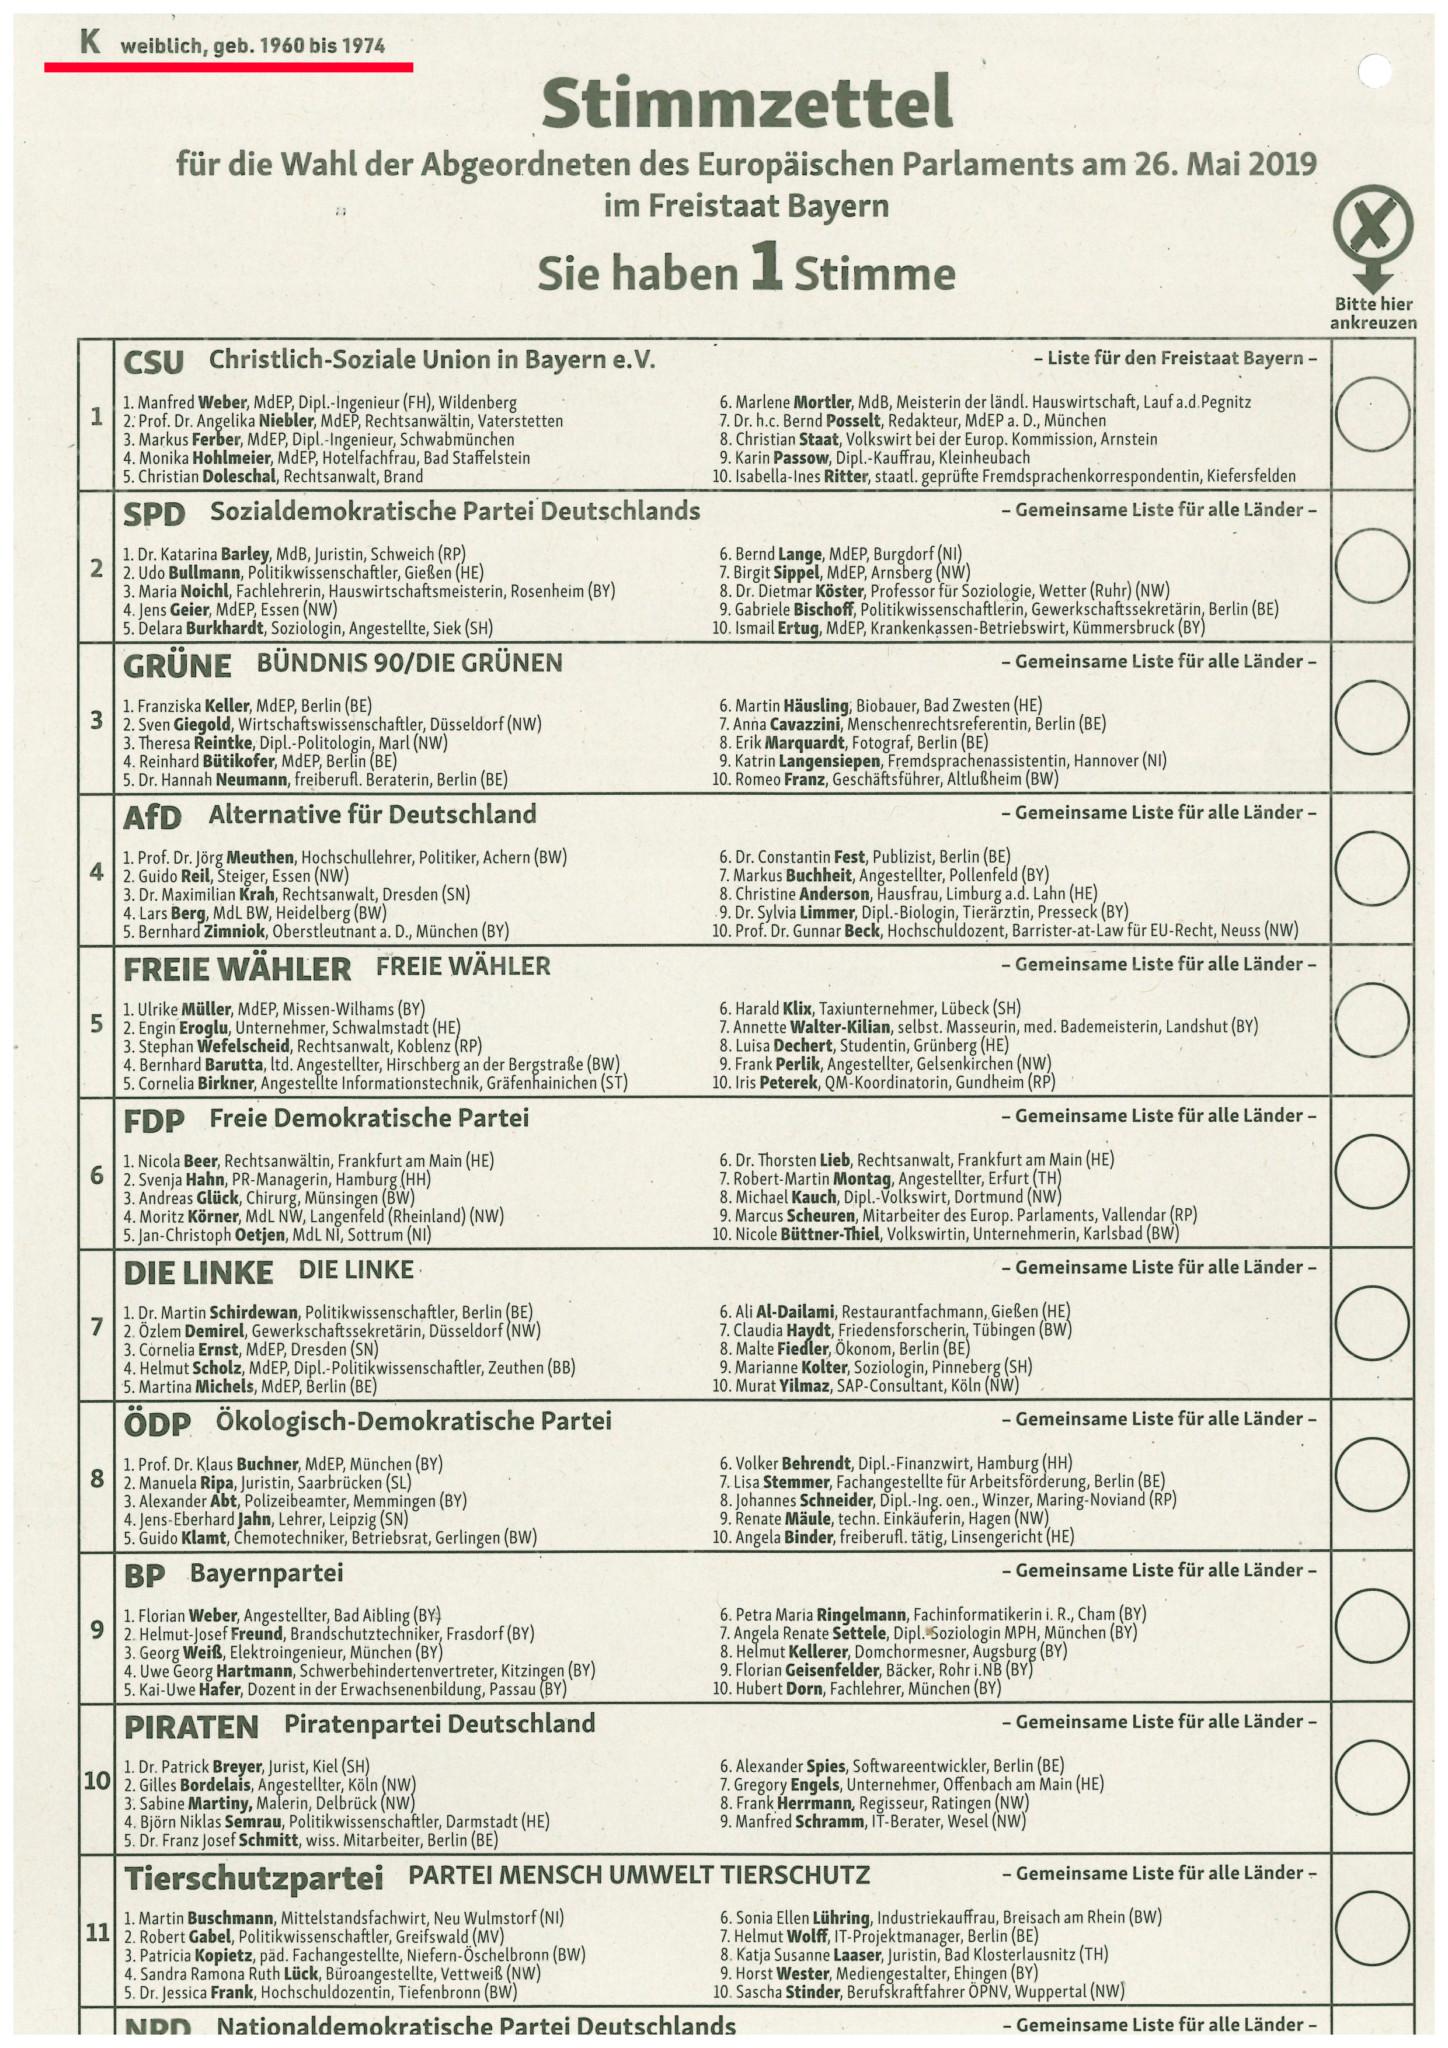 Beispiel eines Stimmzettels aus einem Repräsentativen Wahlbezirk